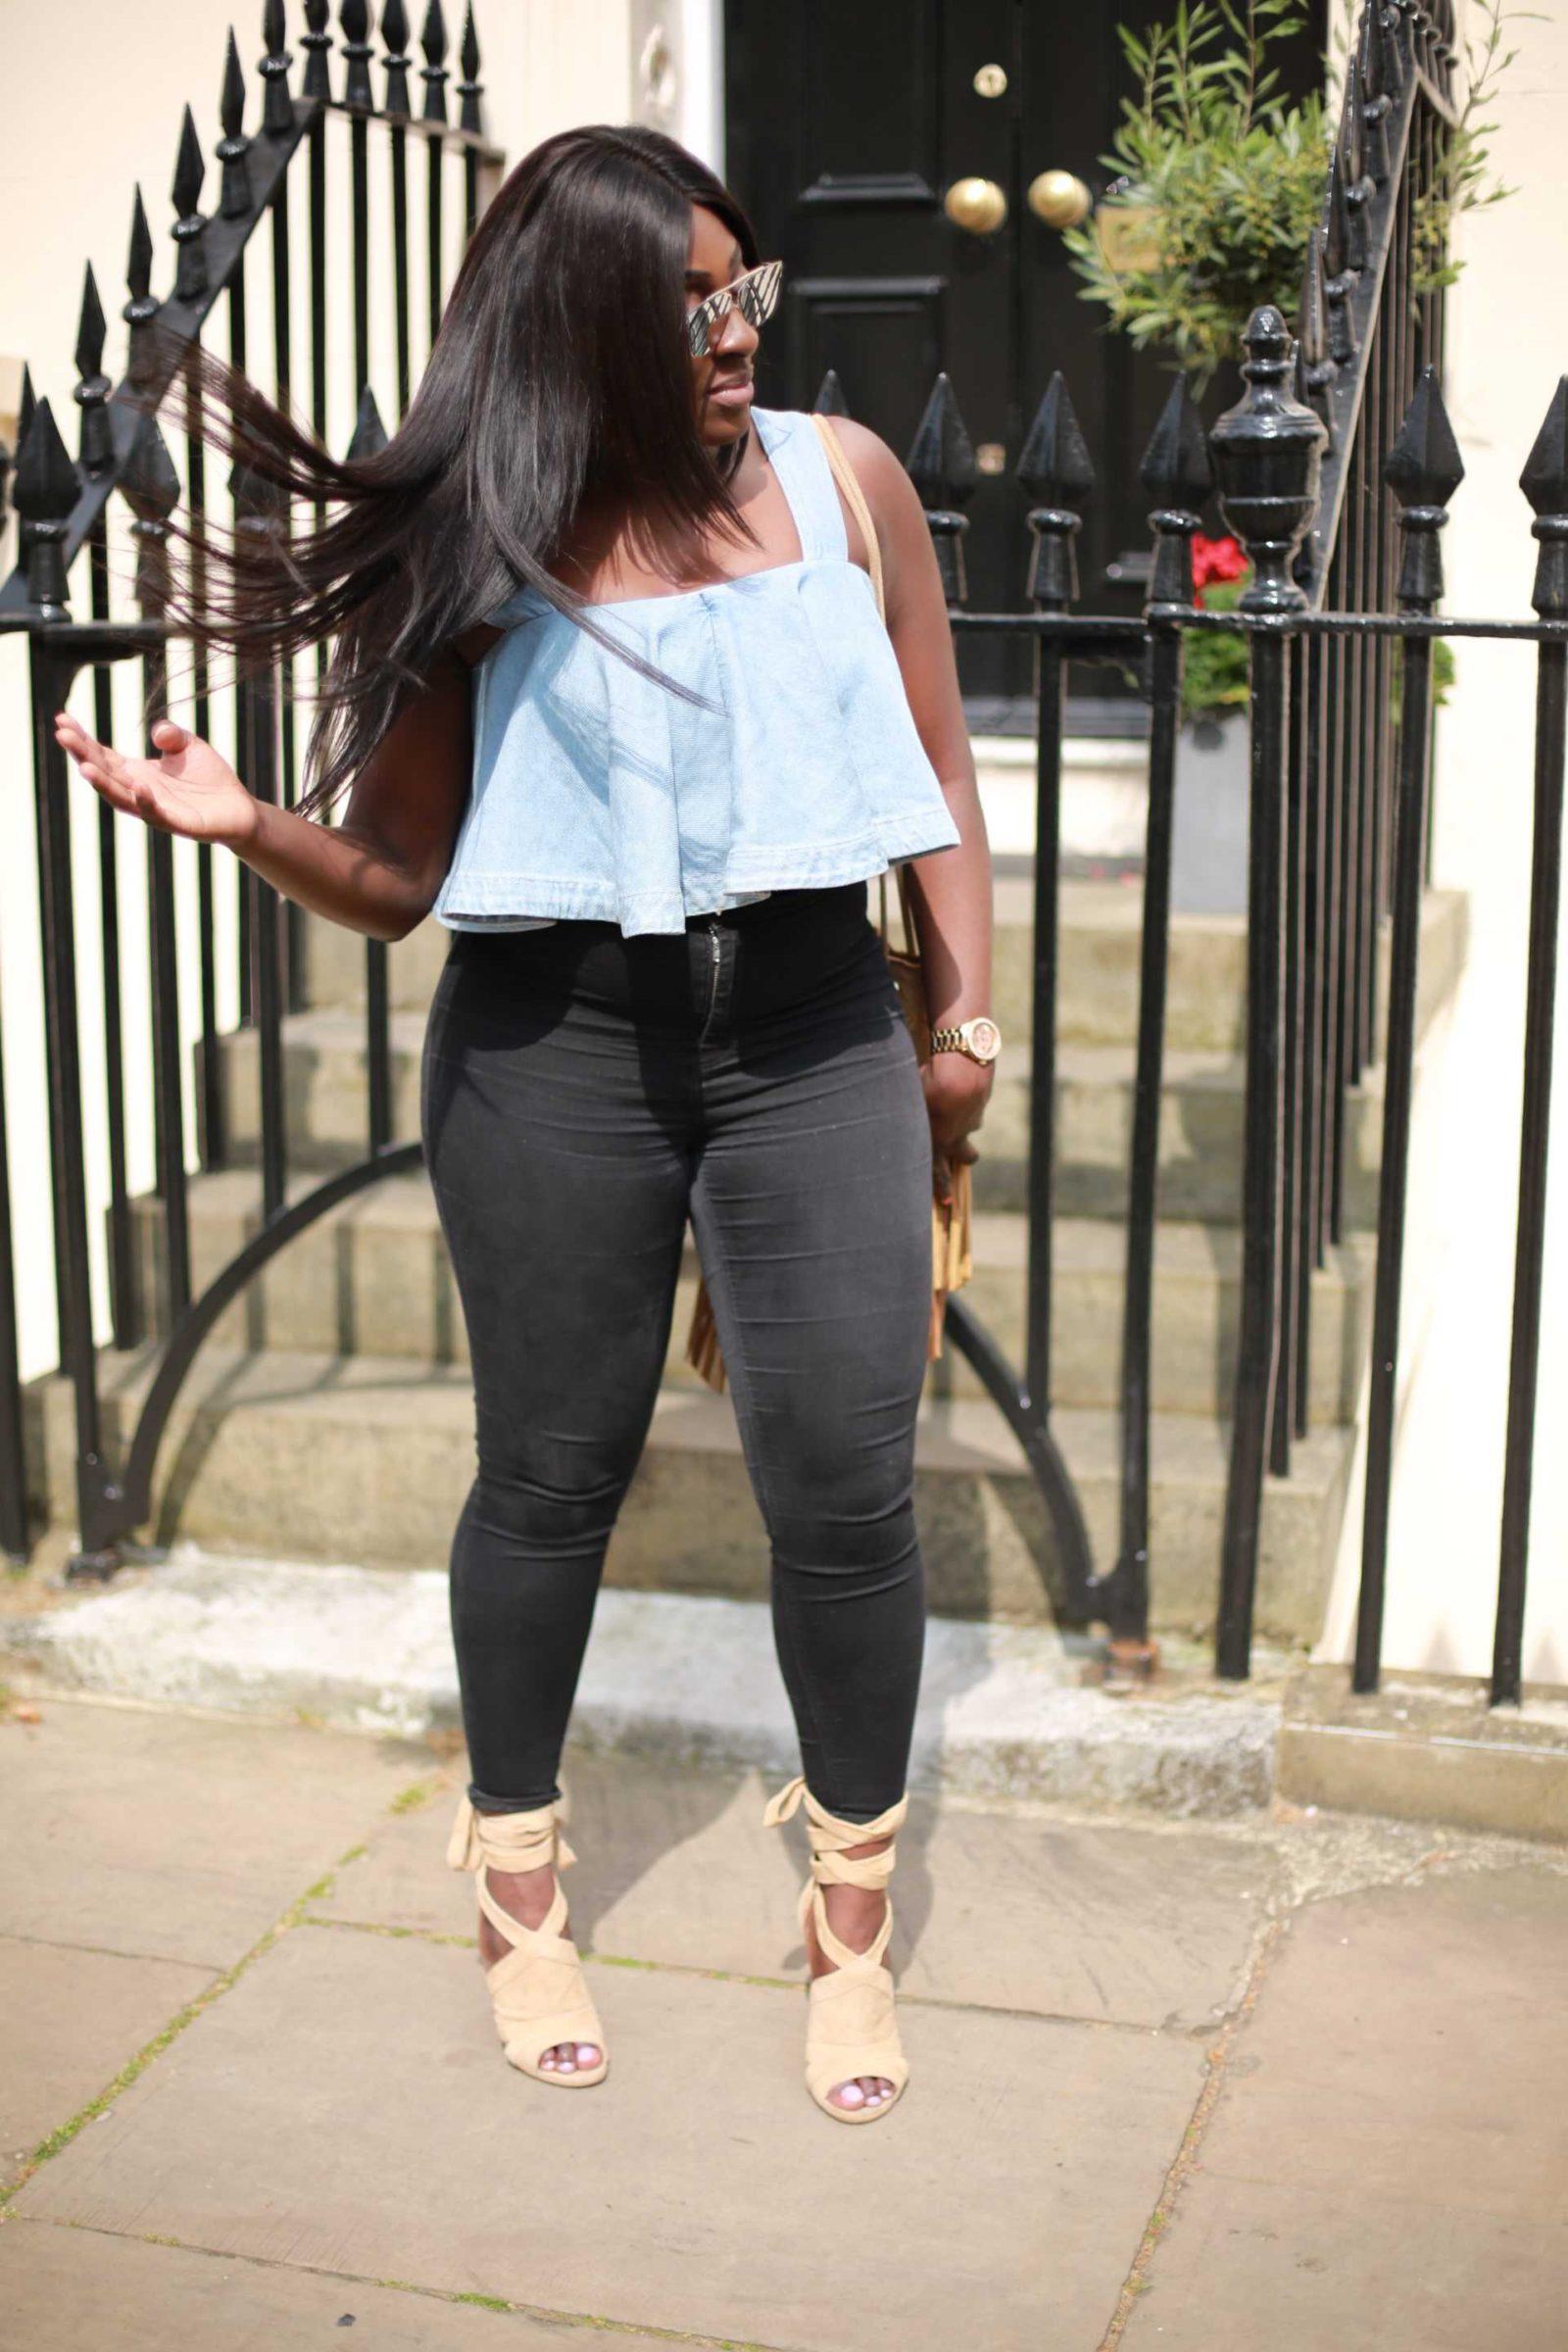 Denim Crop Tops - ASOS - Zara - Style and the Sass